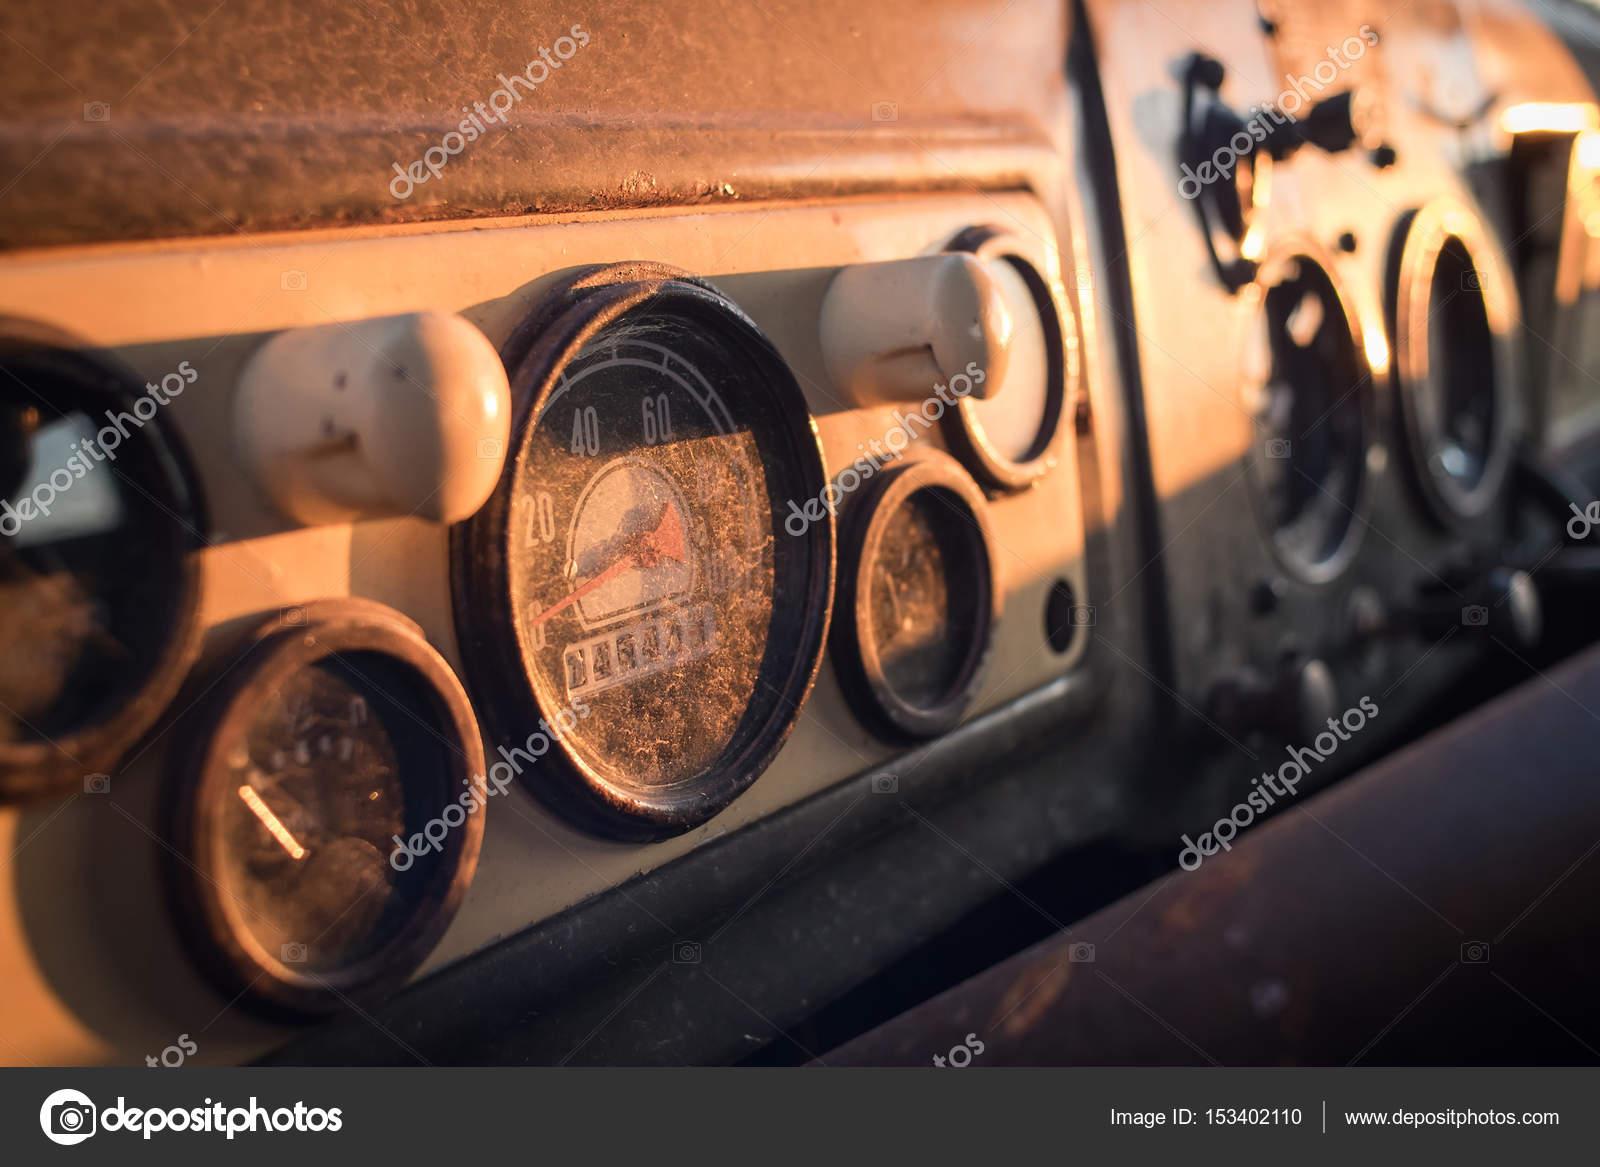 Oude vrachtwagen. Interieur van een Sovjet-vintage vrachtwagen ...